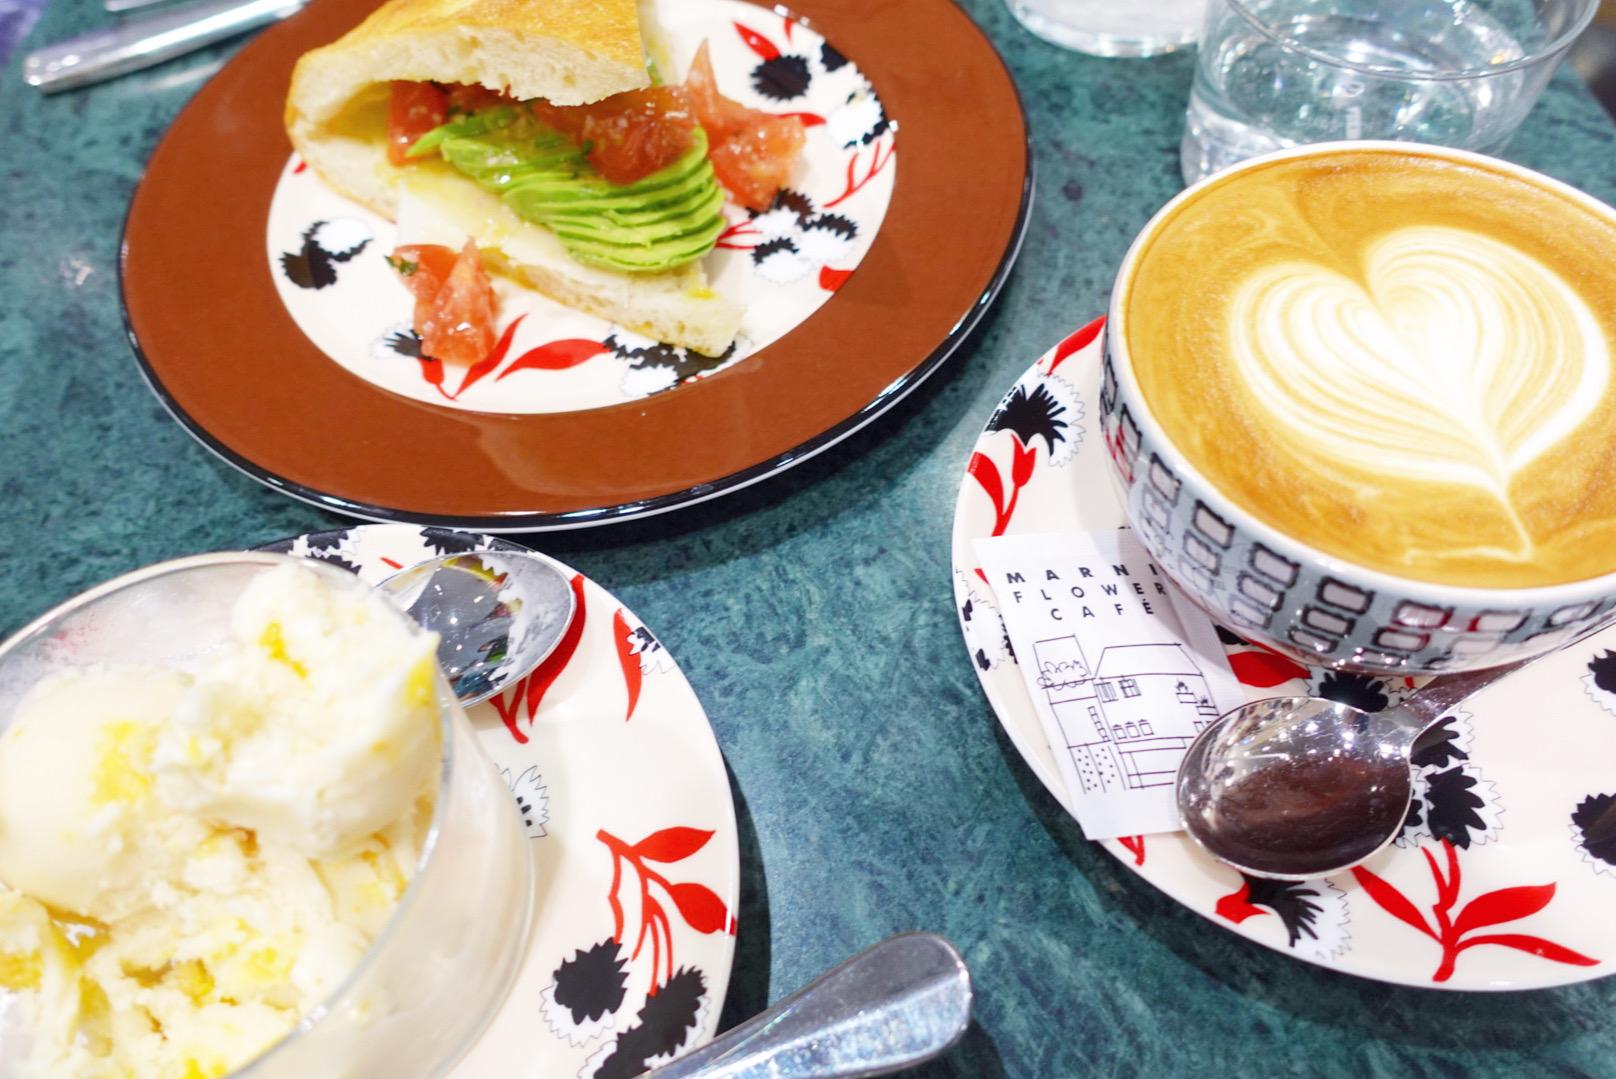 【大阪】阪急うめだ本店にMARNI のカフェが!?「MARNI FLOWER CAFE」ではスイーツやランチも楽しめてかわいいクッキーも買えちゃう!?_4